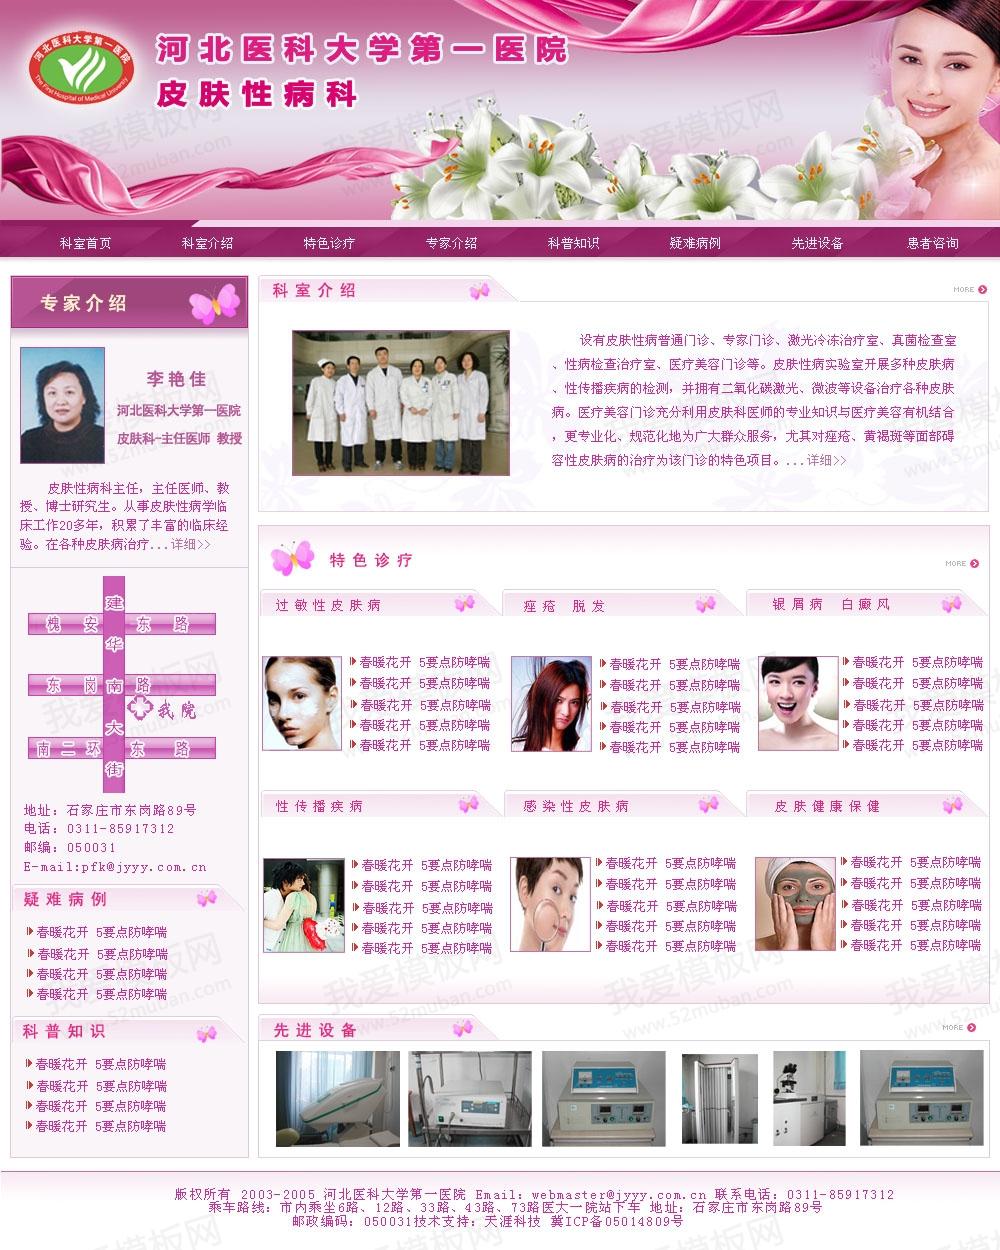 粉色的美容医院网页模板psd分层素材下载